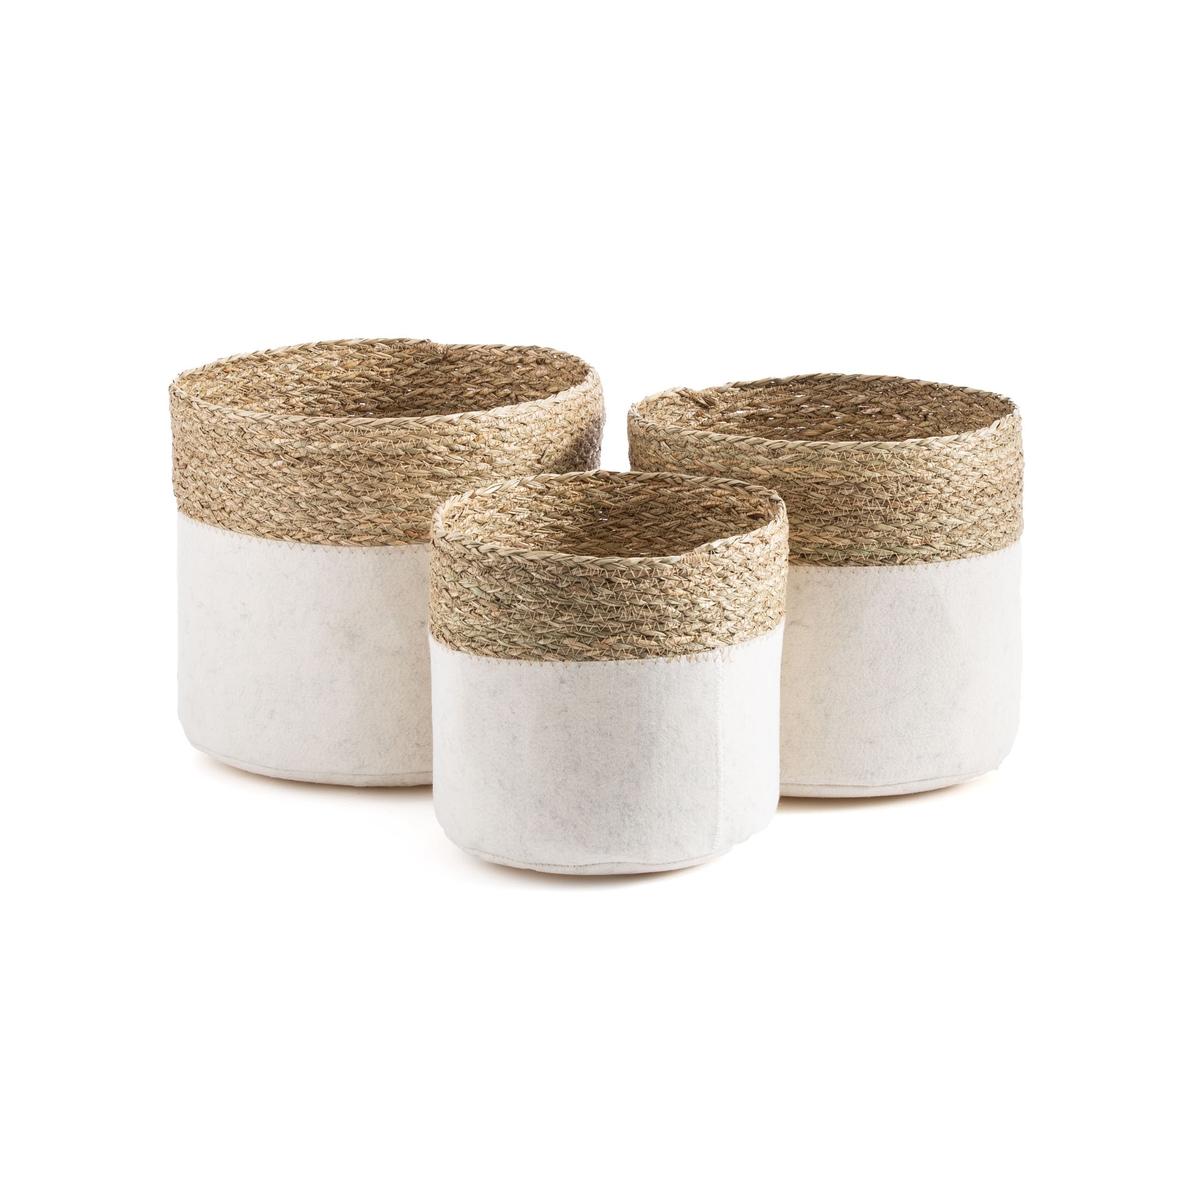 Комплект из корзин из La Redoute Фетра и плетения Filt единый размер бежевый ковер la redoute горизонтального плетения с рисунком цементная плитка iswik 120 x 170 см бежевый